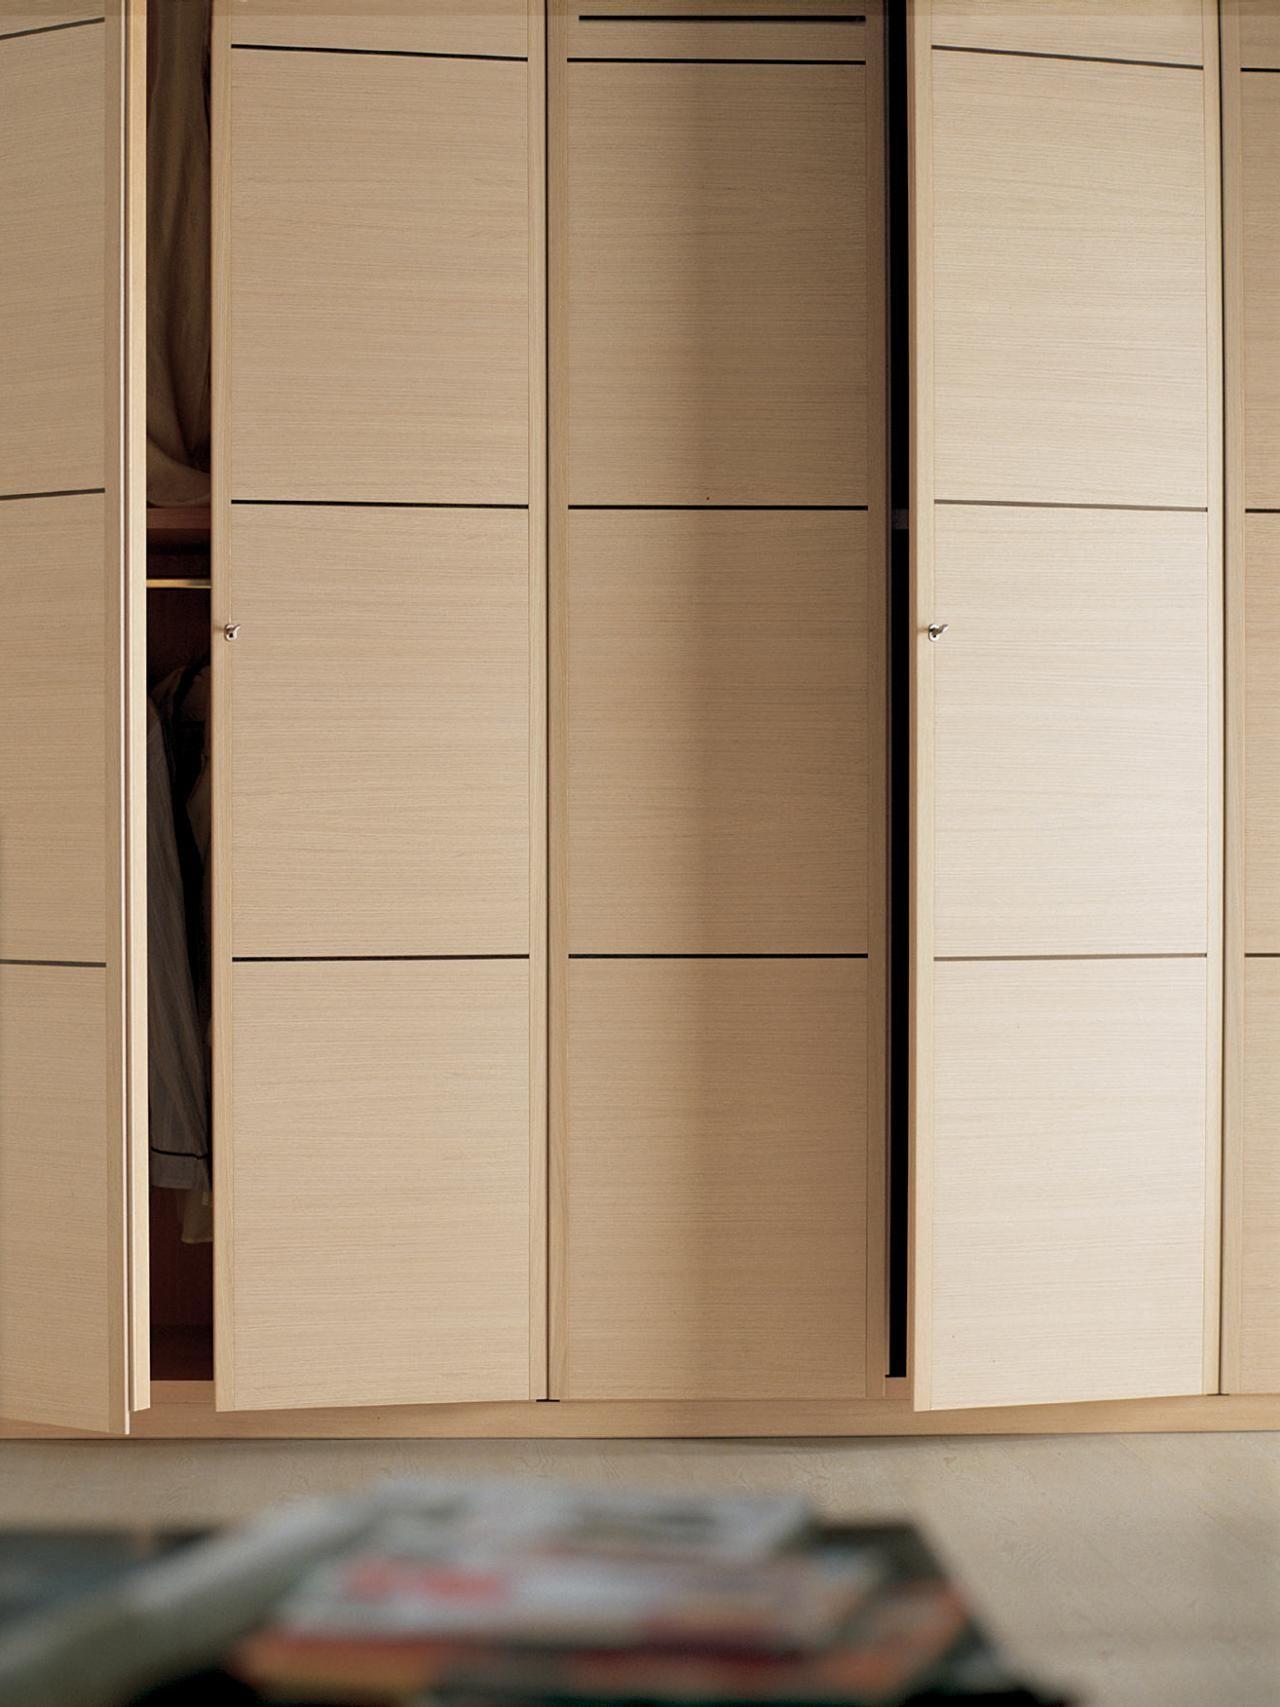 Bifold Closet Doors Too Tall